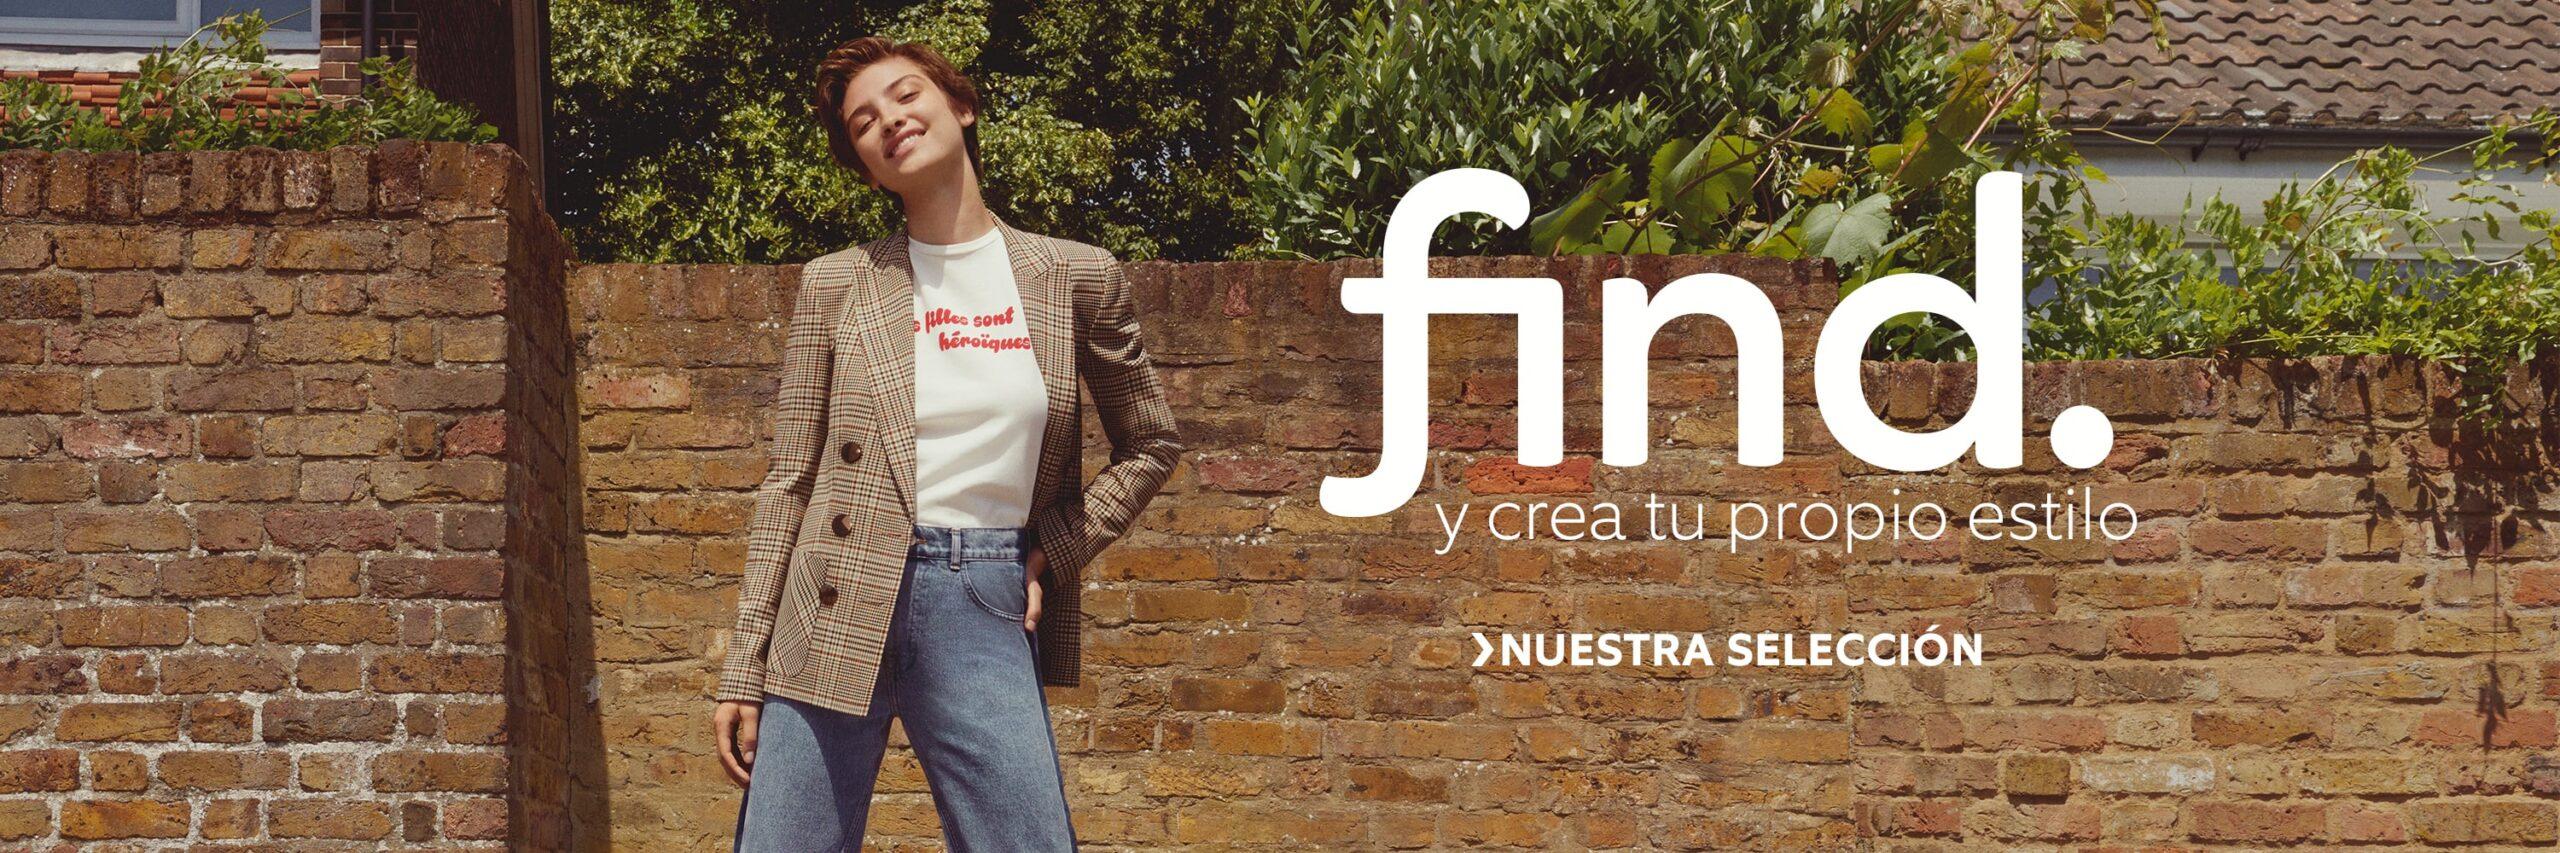 Amazon crea su propia marca de ropa